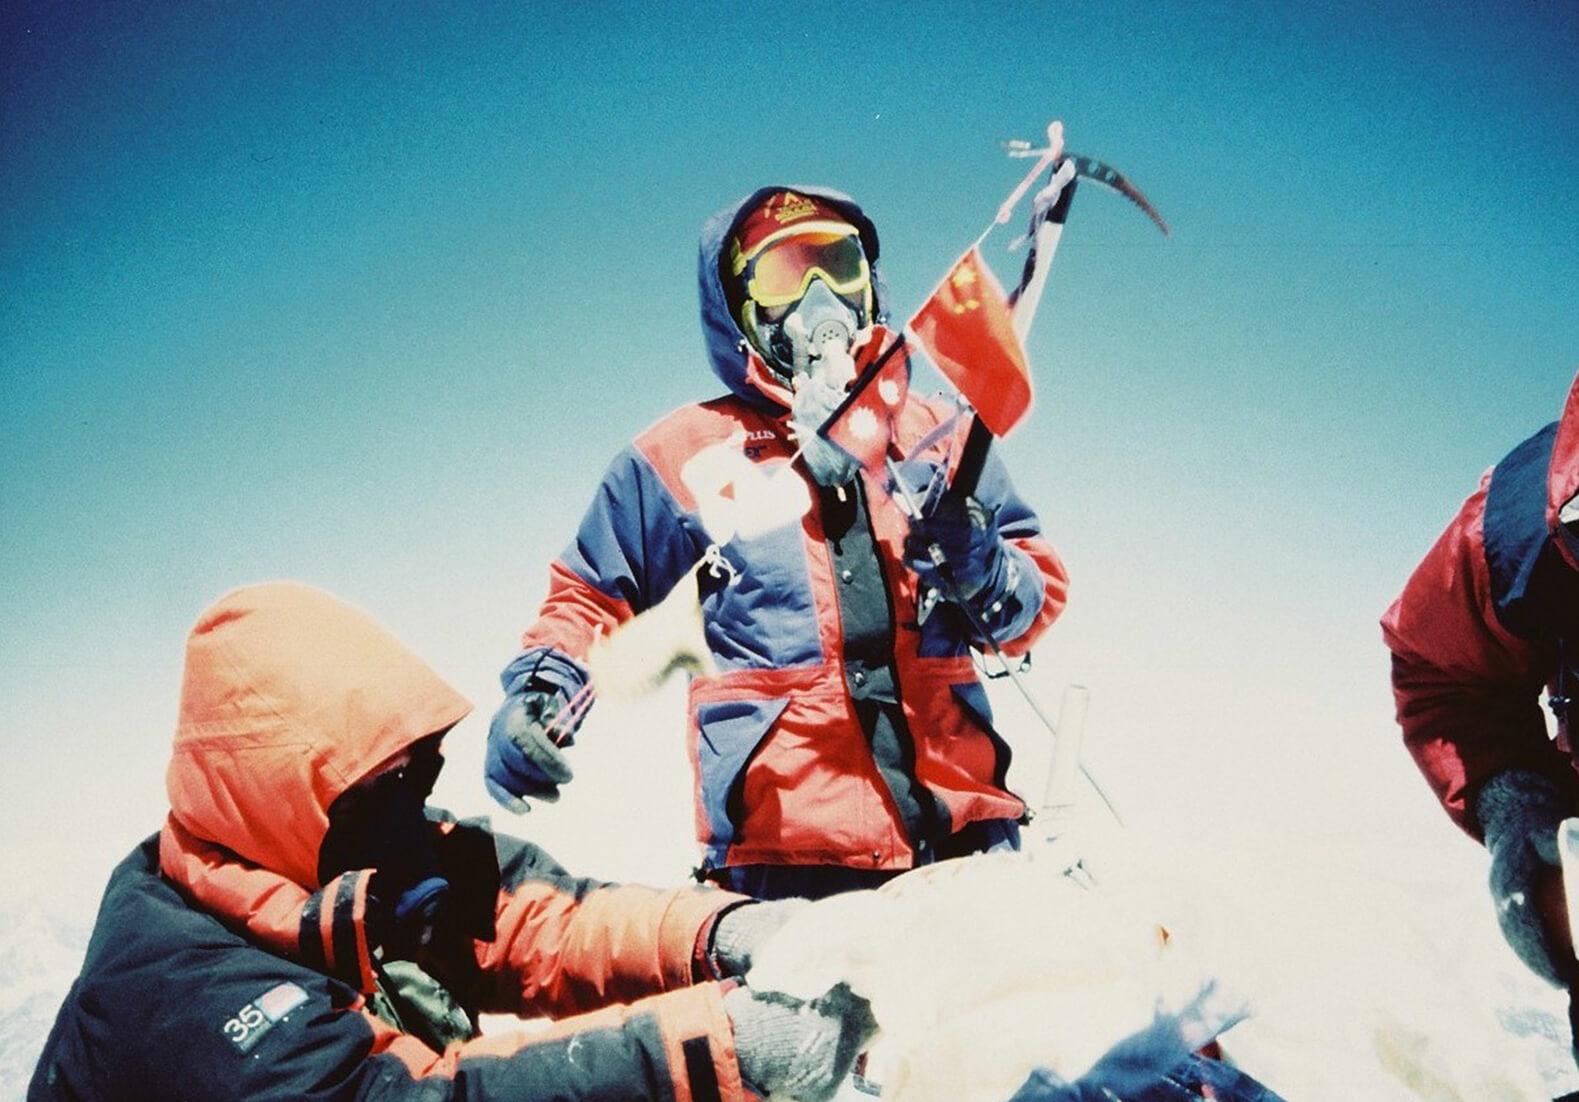 エベレスト登頂成功